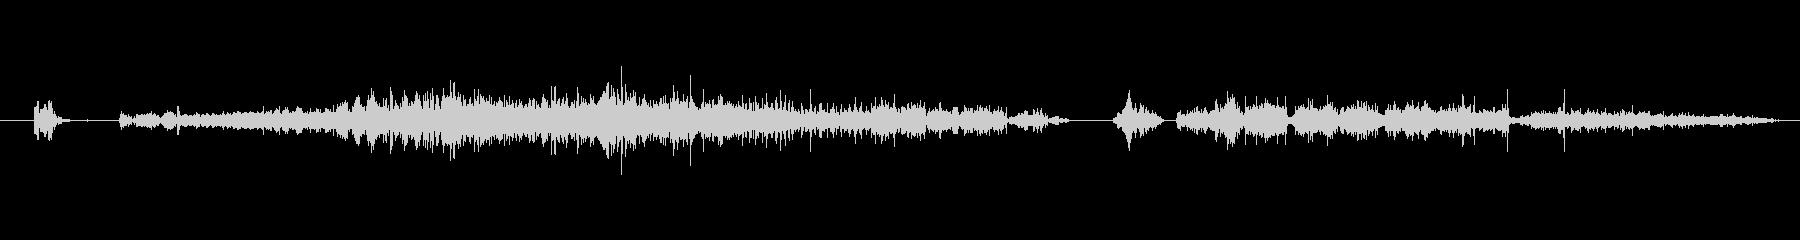 モンスター ダイグリングリングハイ08の未再生の波形